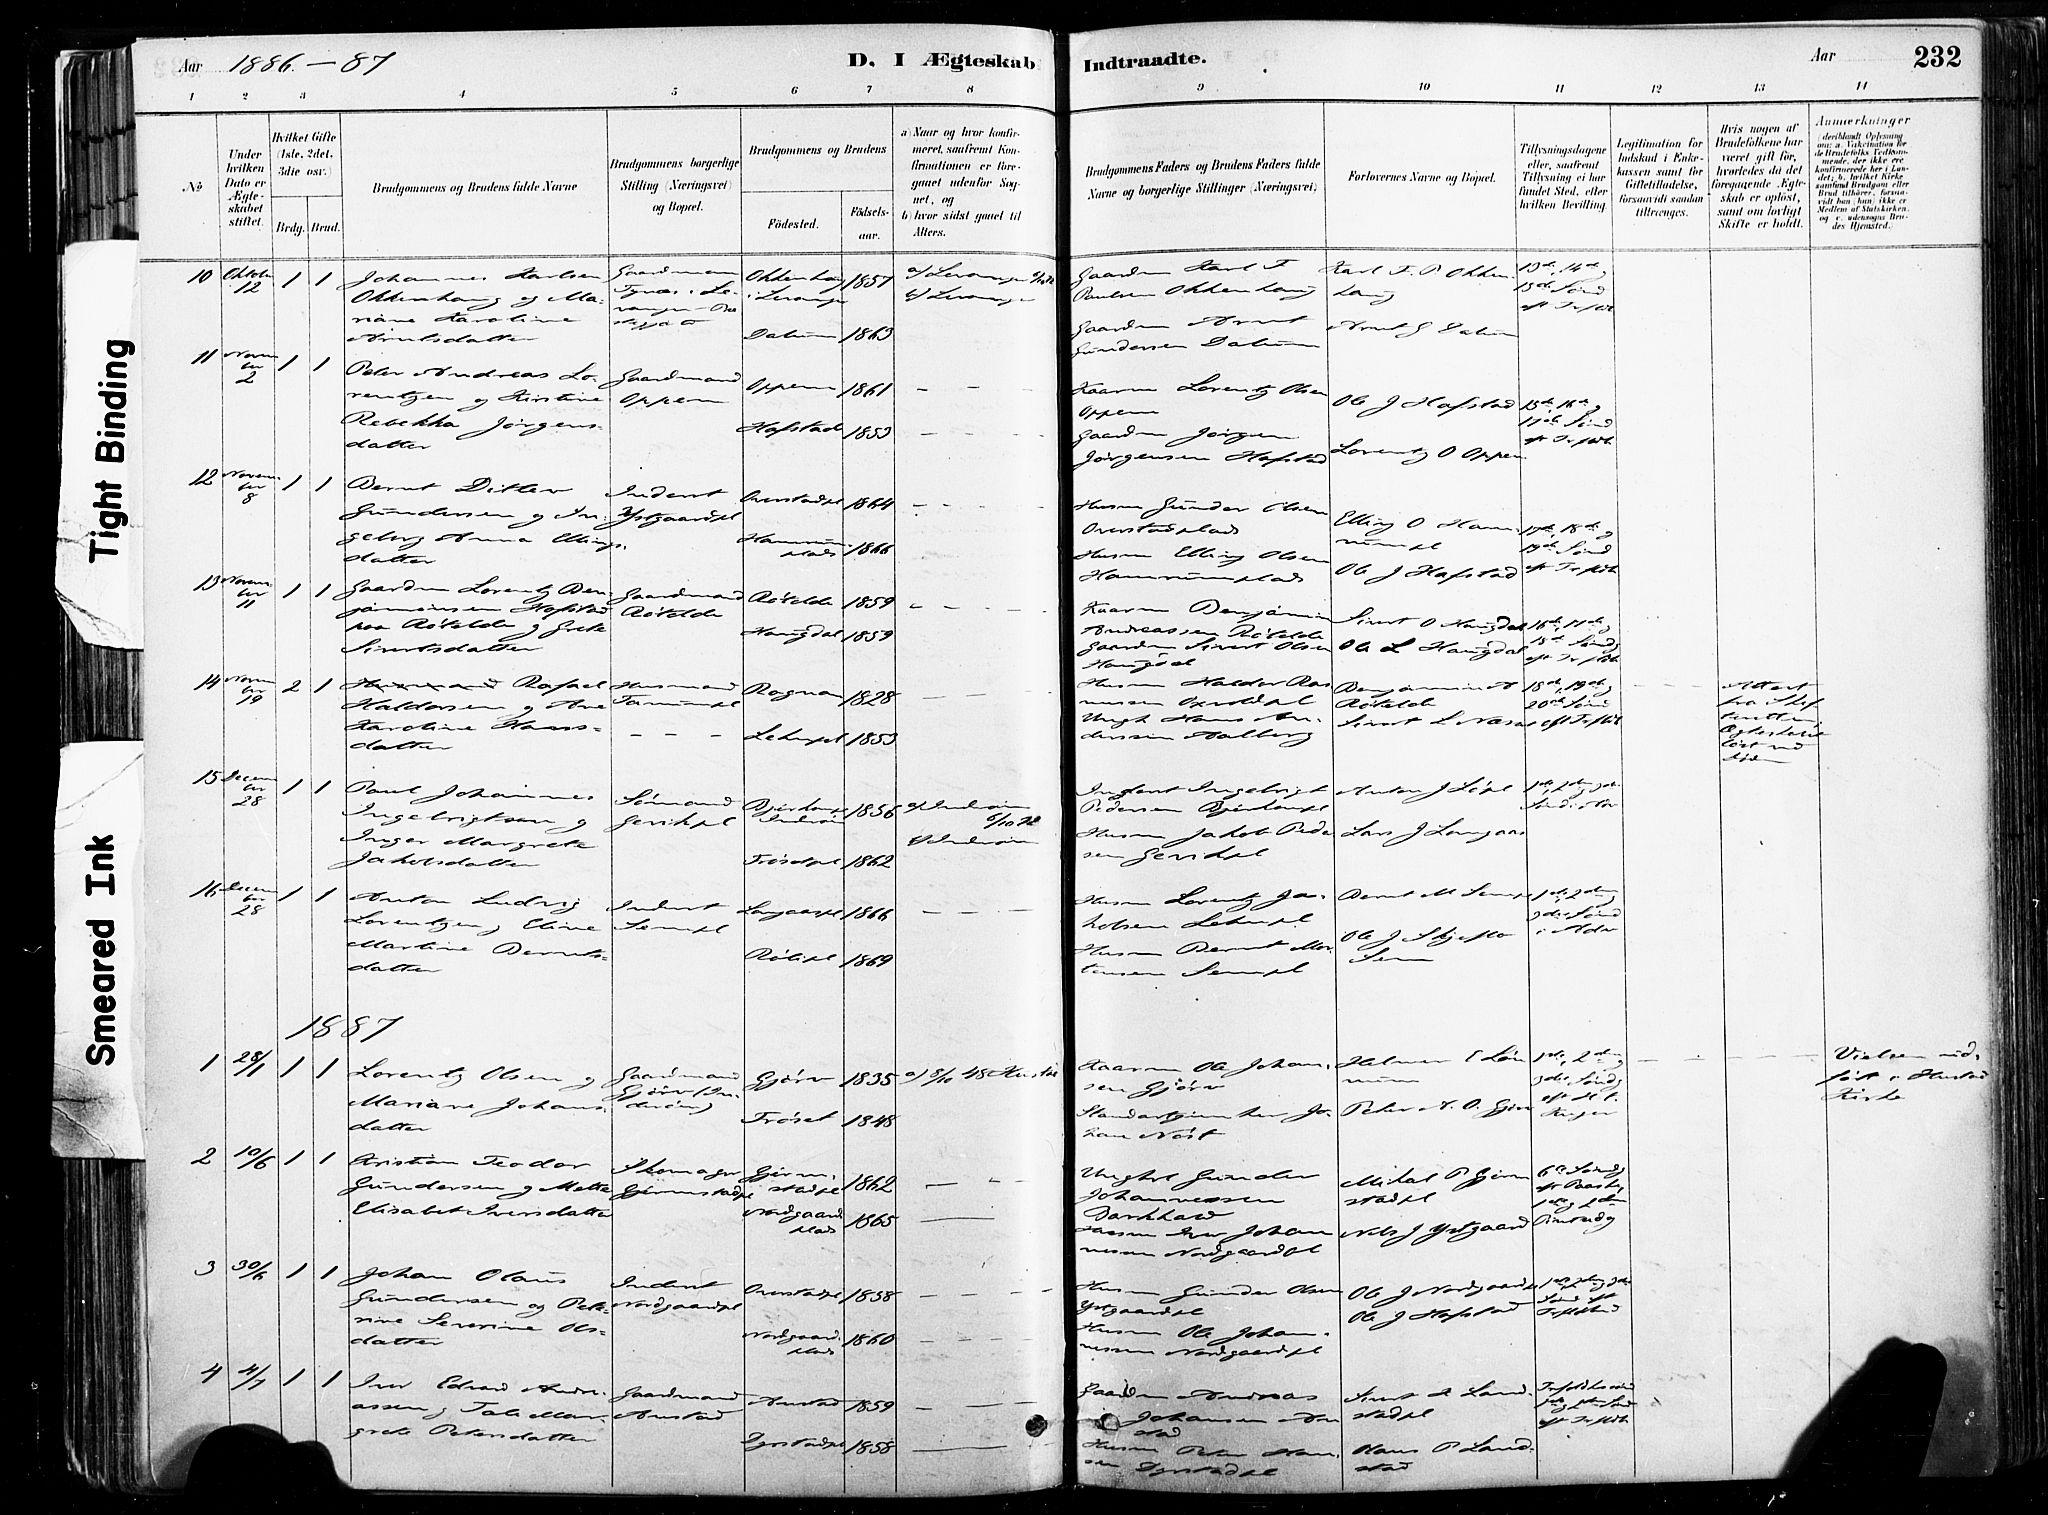 SAT, Ministerialprotokoller, klokkerbøker og fødselsregistre - Nord-Trøndelag, 735/L0351: Ministerialbok nr. 735A10, 1884-1908, s. 232